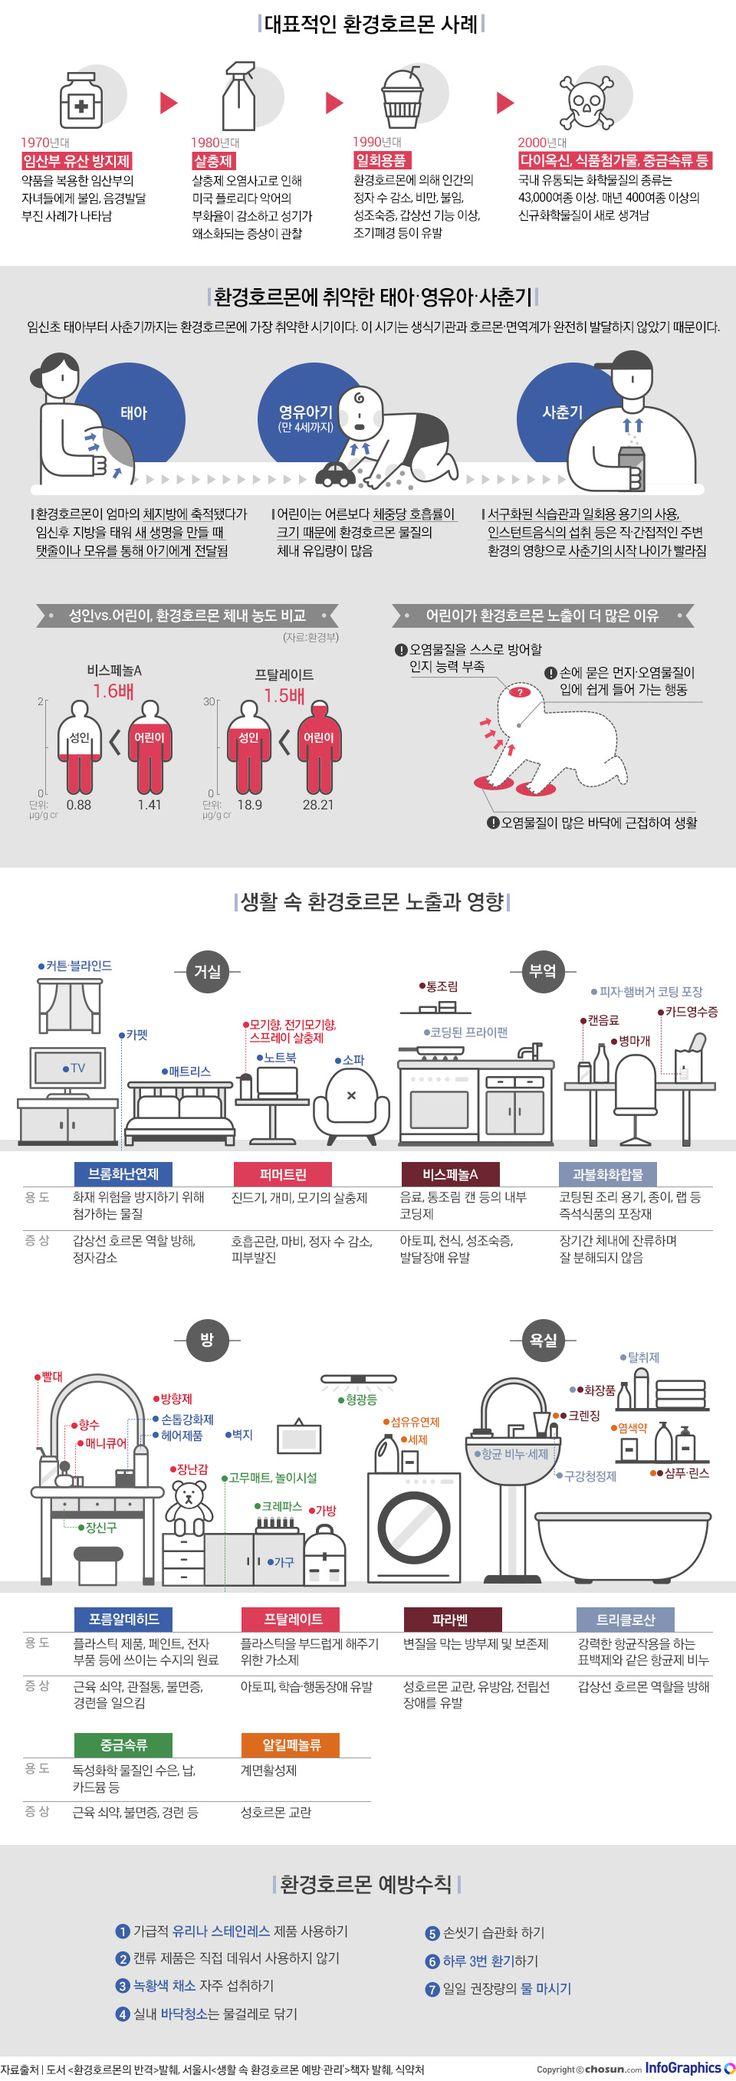 생활 속 환경호르몬, 어디에 있나 - 조선닷컴 인포그래픽스 - 인터랙티브 > 라이프